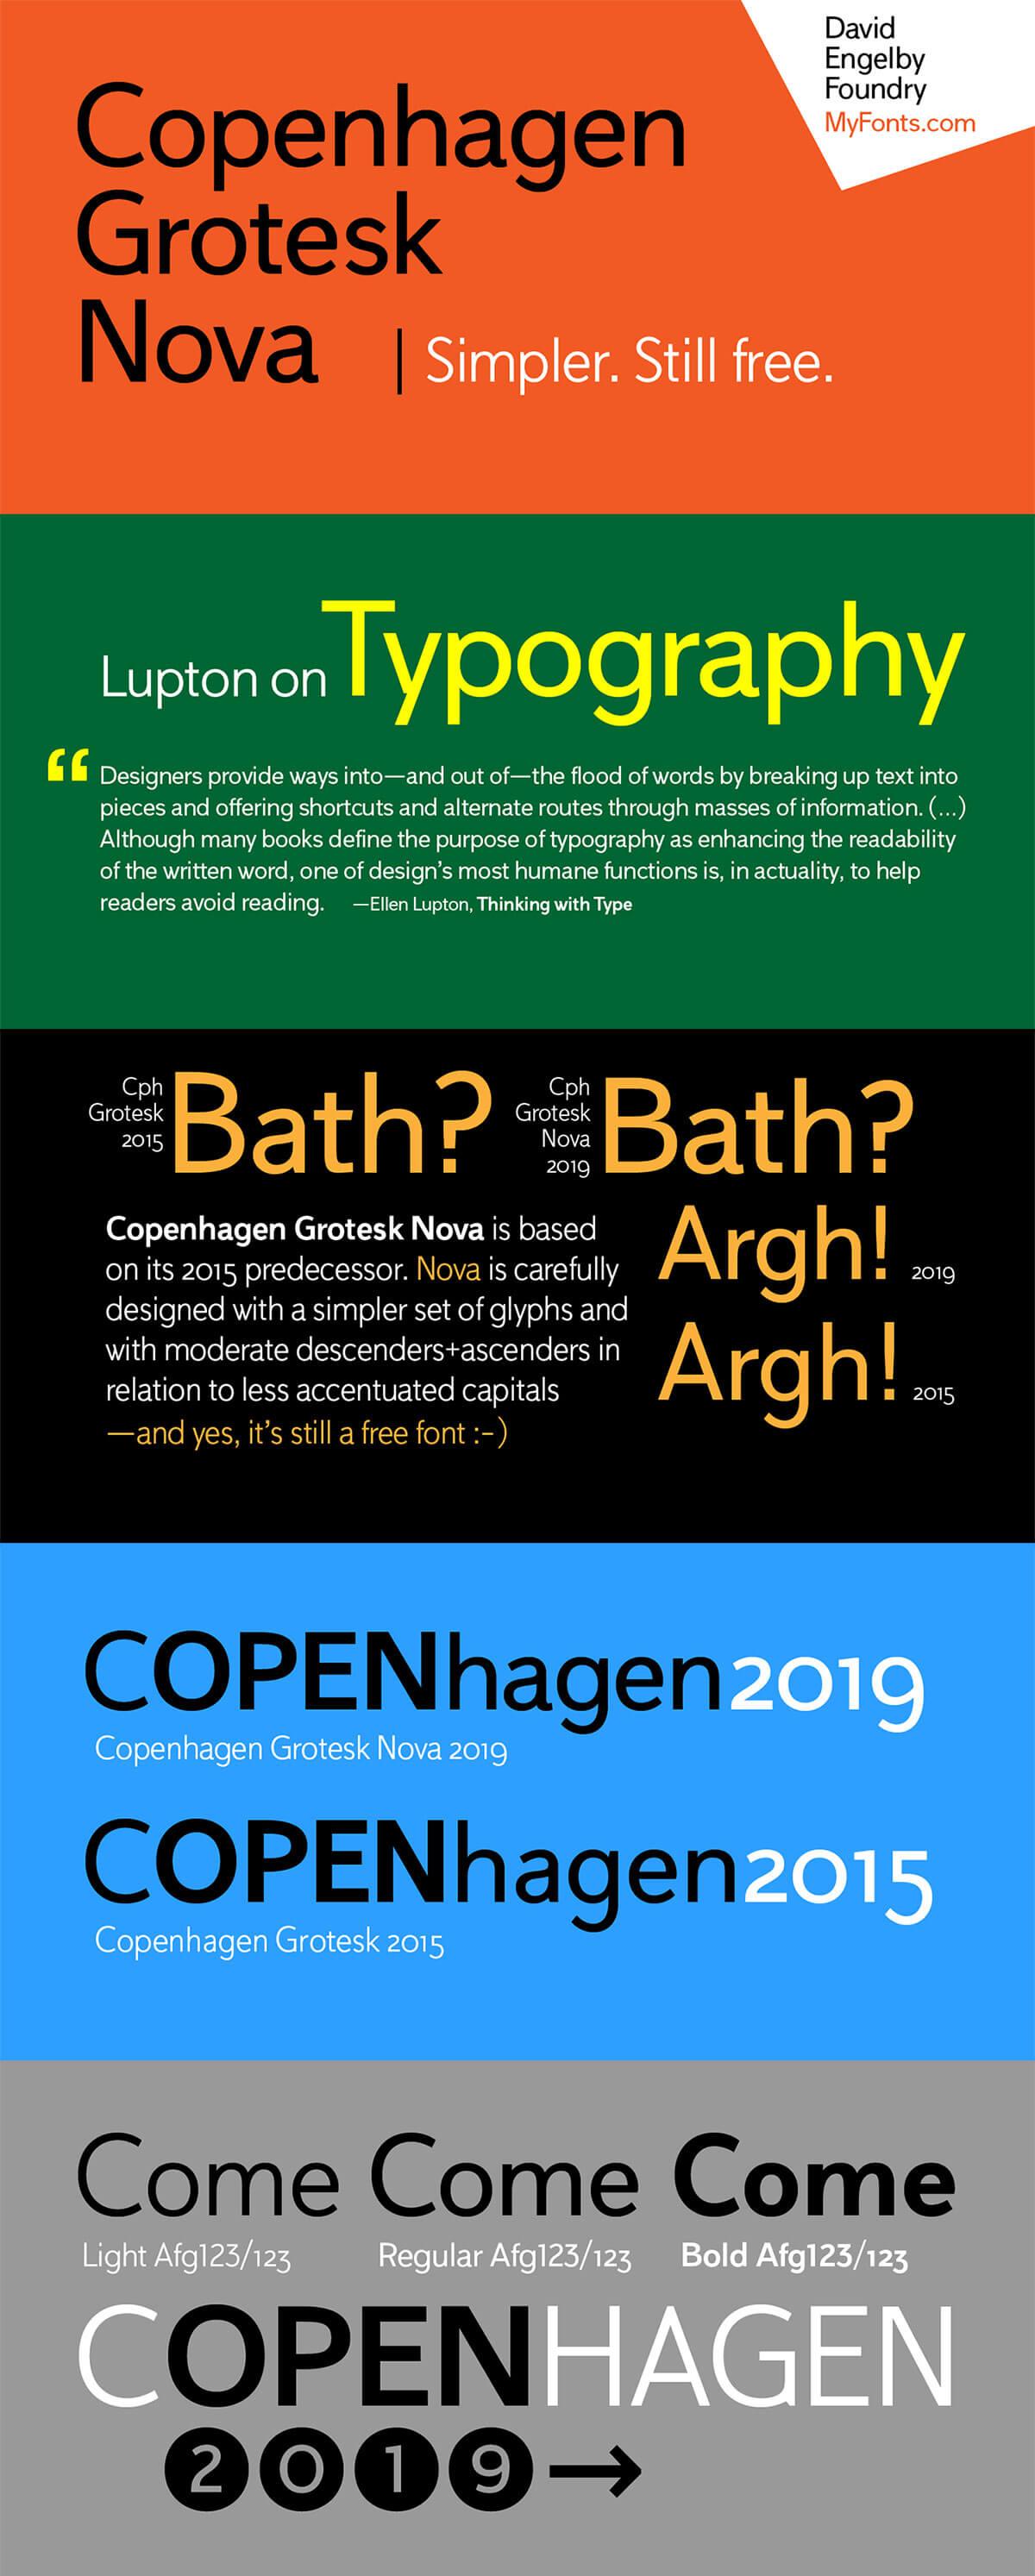 Free Copenhagen Grotesk Nova Sans Serif Font Family